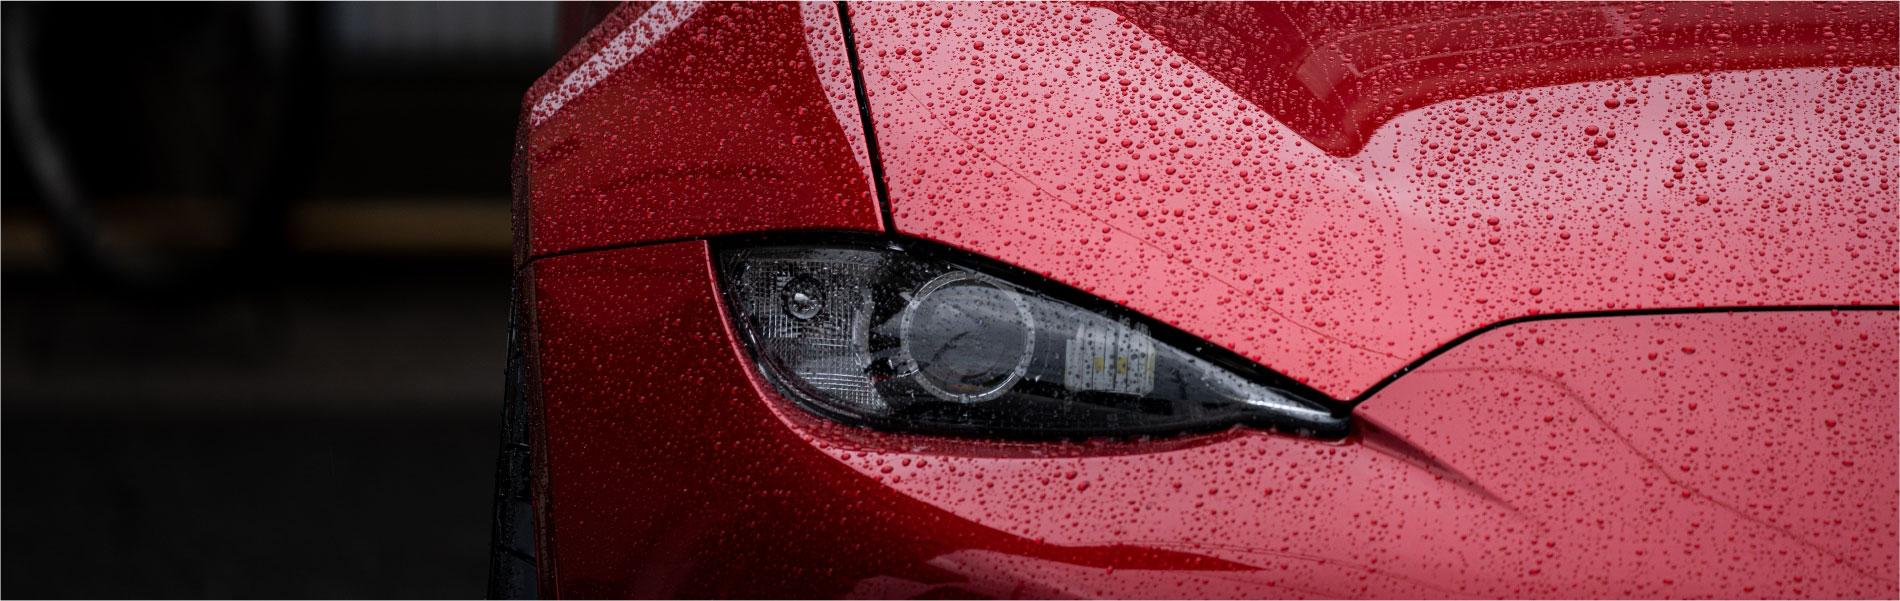 洗車・コーティングのメイン画像